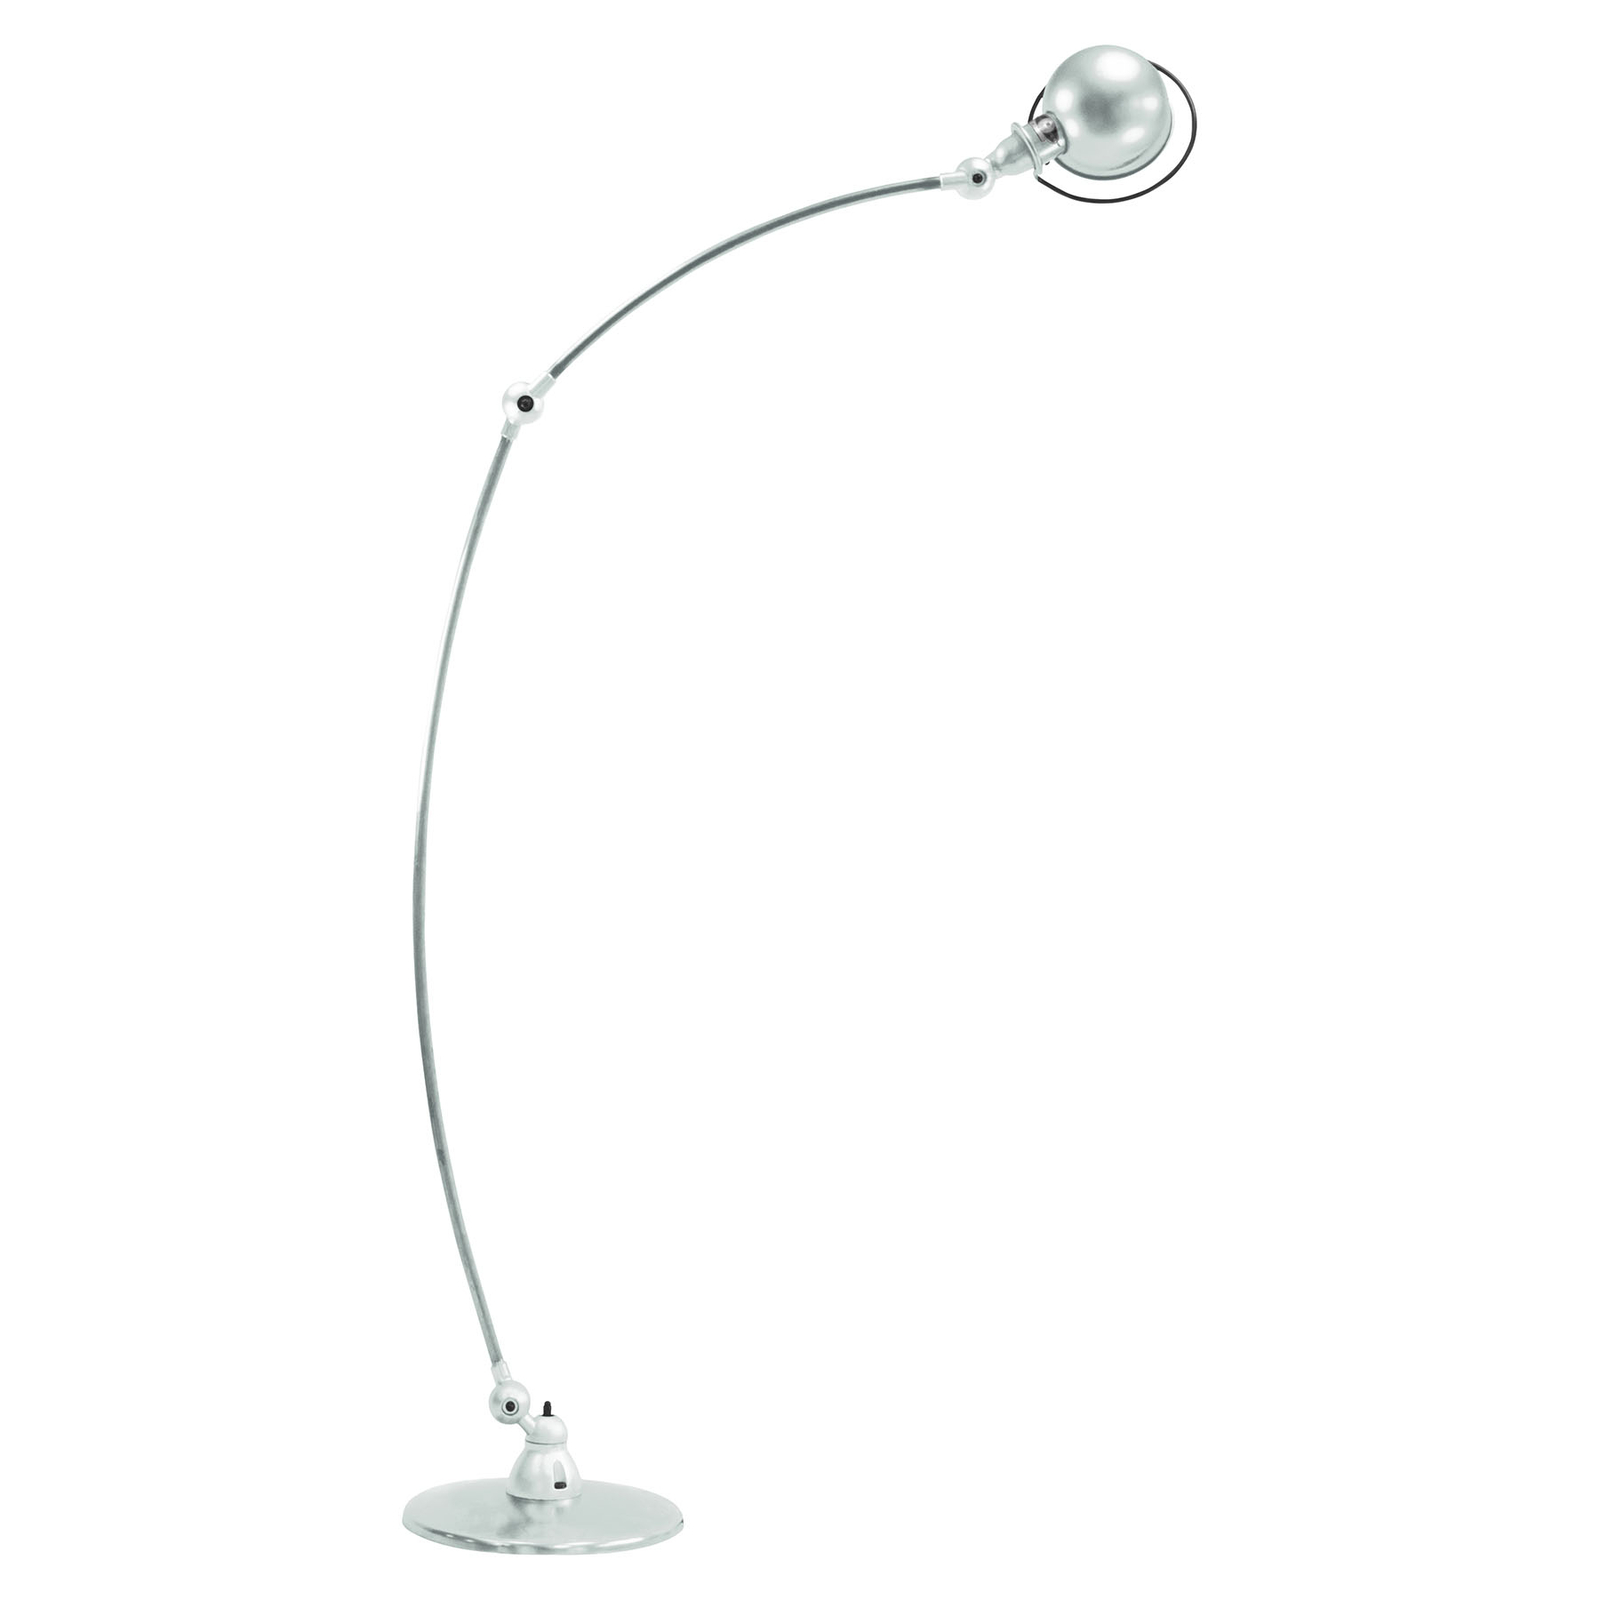 Jieldé Loft C1260 łukowa lampa stojąca, biała